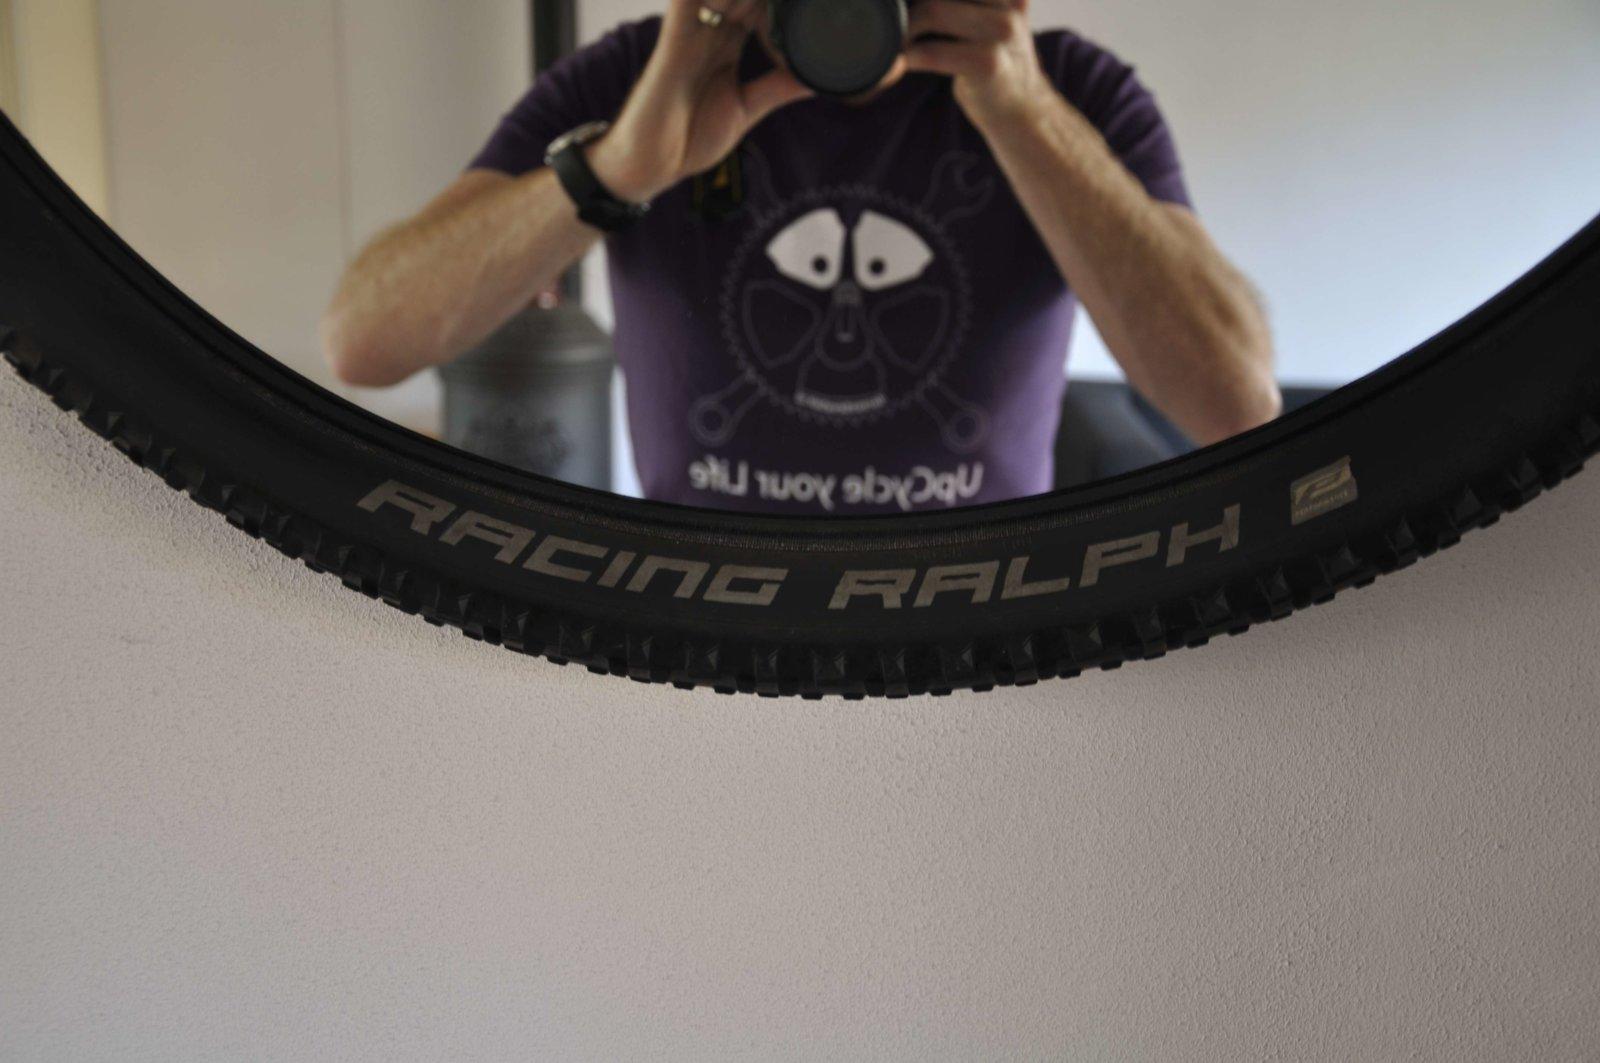 Racing Ralph MTB Spiegel Decreatievelink Upcycle Your Life